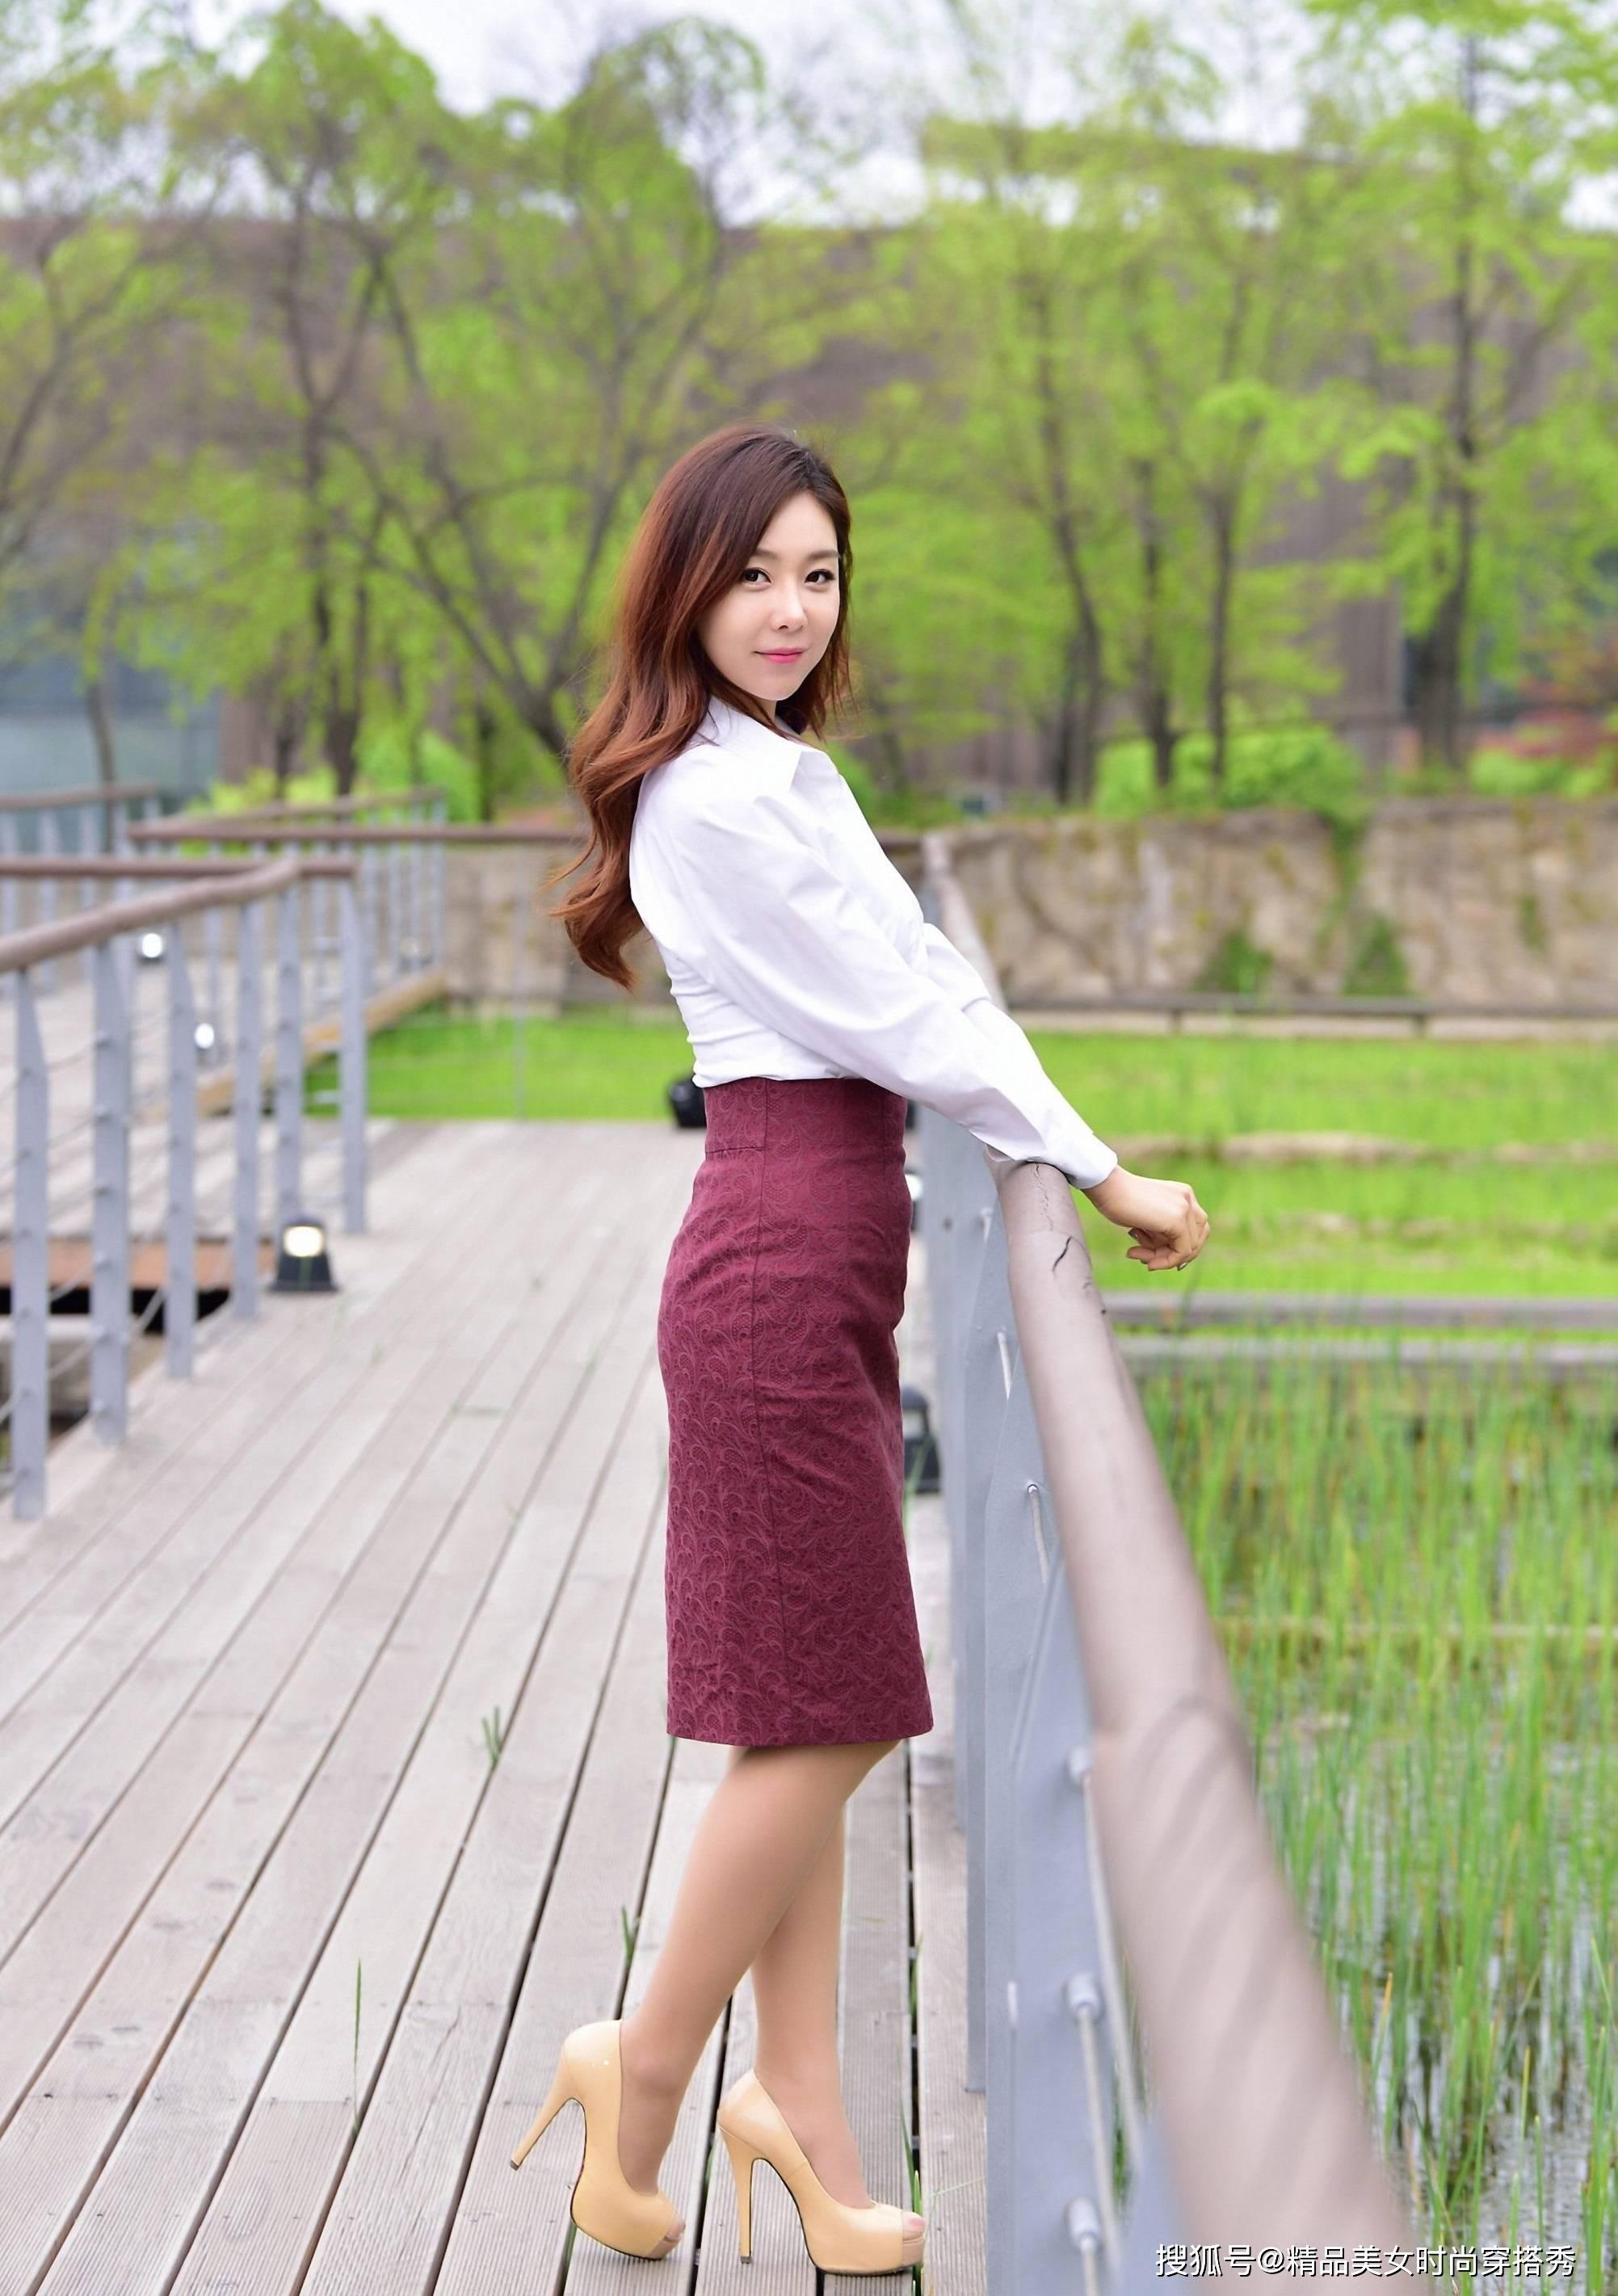 白色衬衫搭配高腰的枣红色半身裙,时尚吸睛,走起路来优雅从容